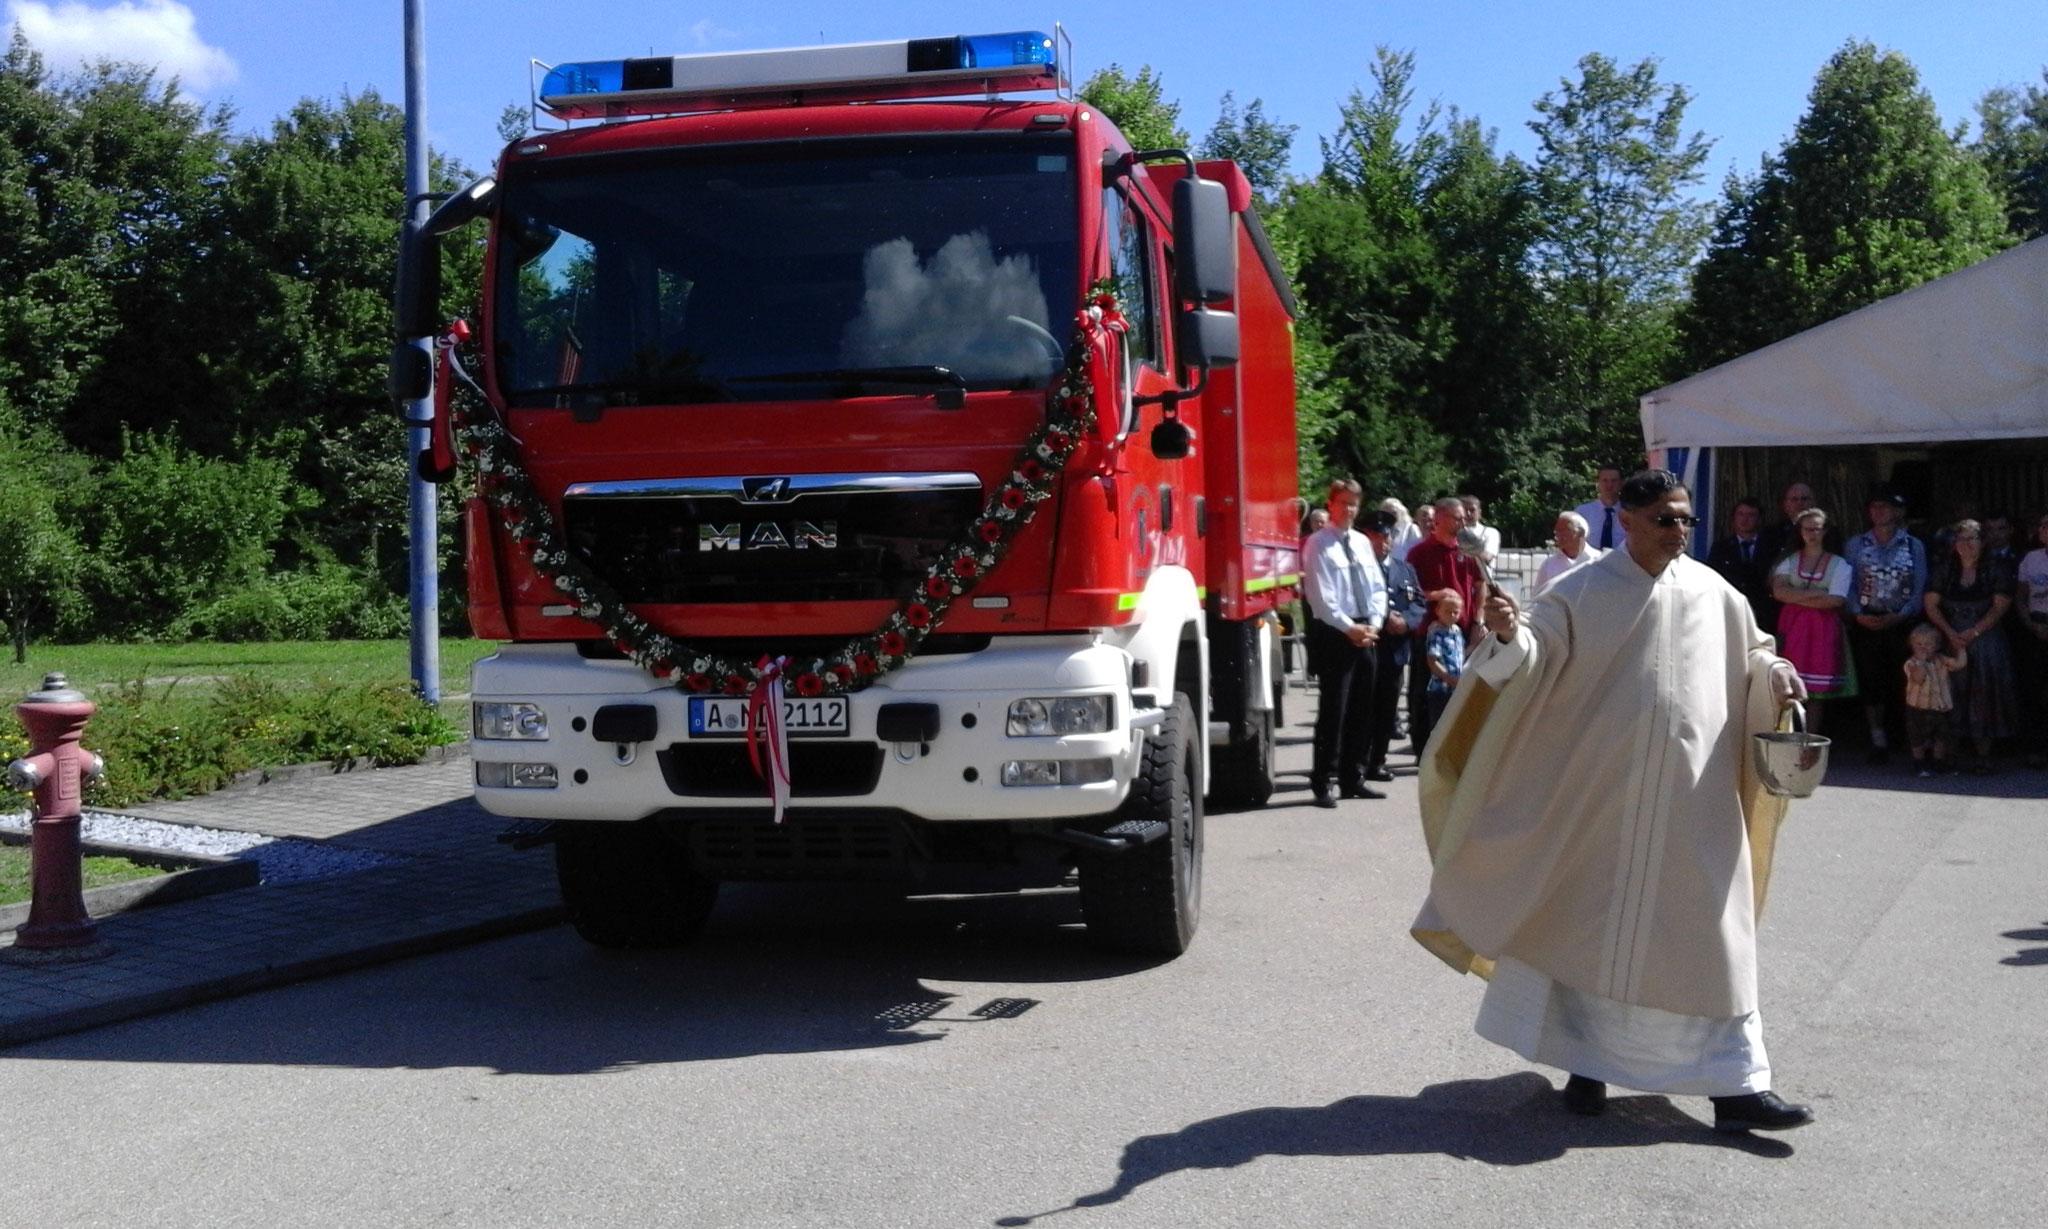 Pater Norman, der Leiter der Pfarreiengemeinschaft Nordendorf, segnete am Ende des Festgottesdienstes die beiden neuen Fahrzeuge der Freiwilligen Feuerwehr Nordendorf.